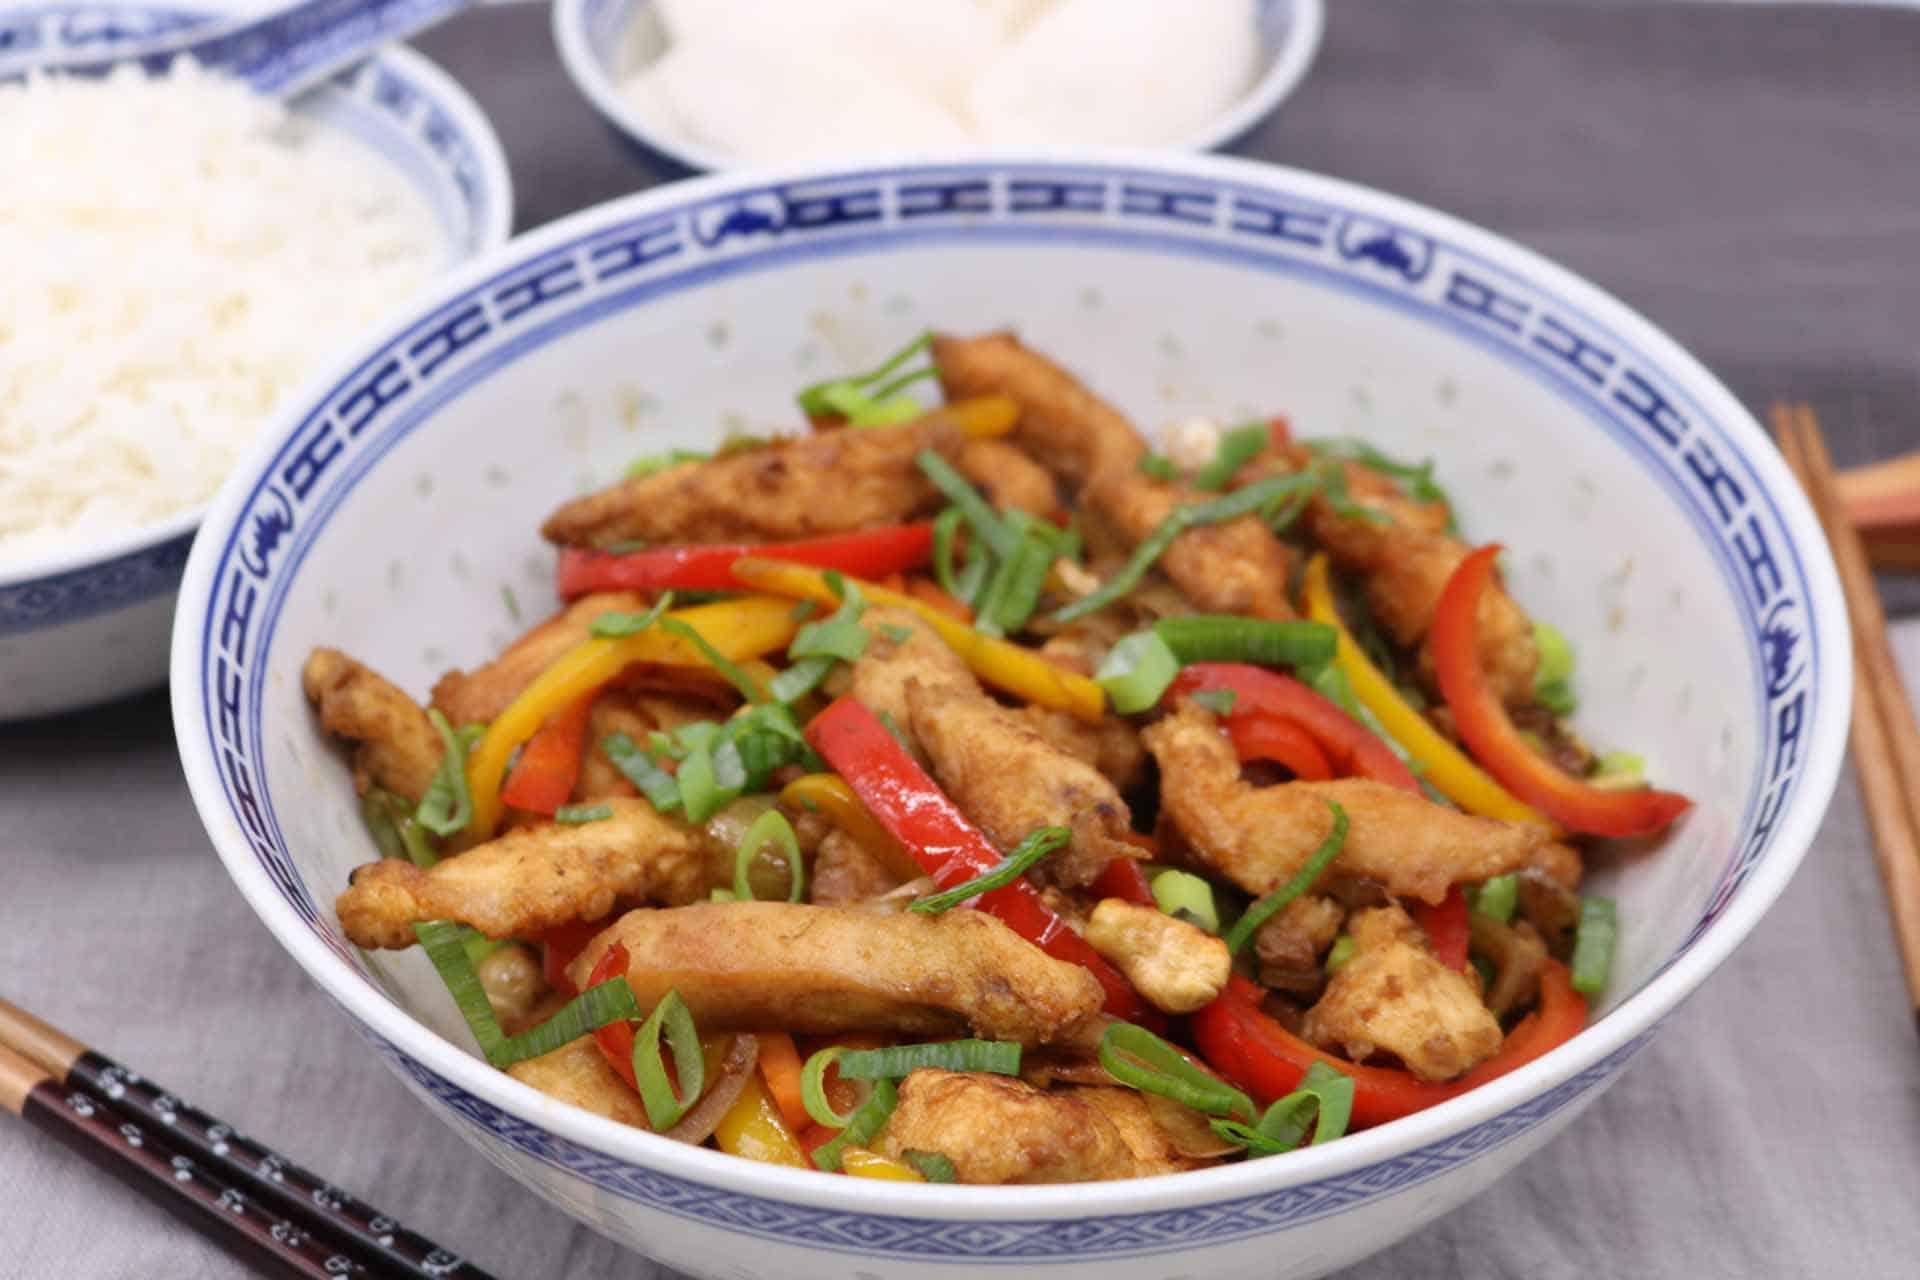 Chicken and Cashew Nut Stir-Fry, Chicken and Cashew Nut Stir-Fry